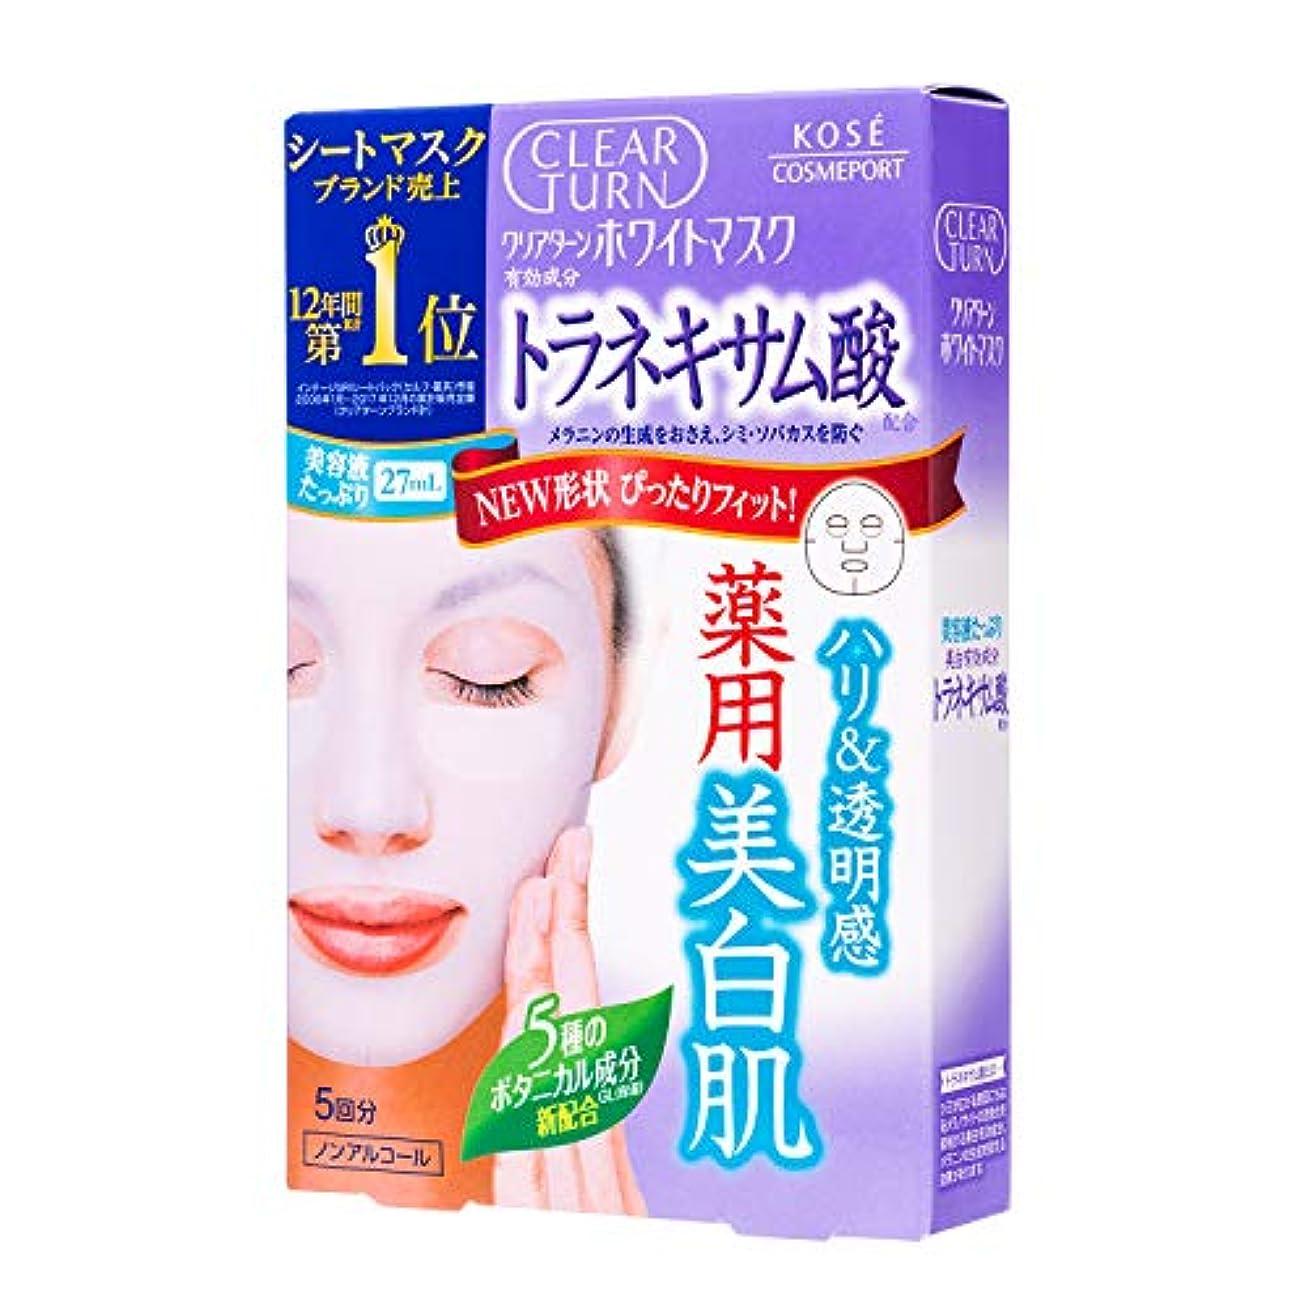 危険間違い一次KOSE クリアターン ホワイト マスク トラネキサム酸 5回分 22mL×5 【医薬部外品】